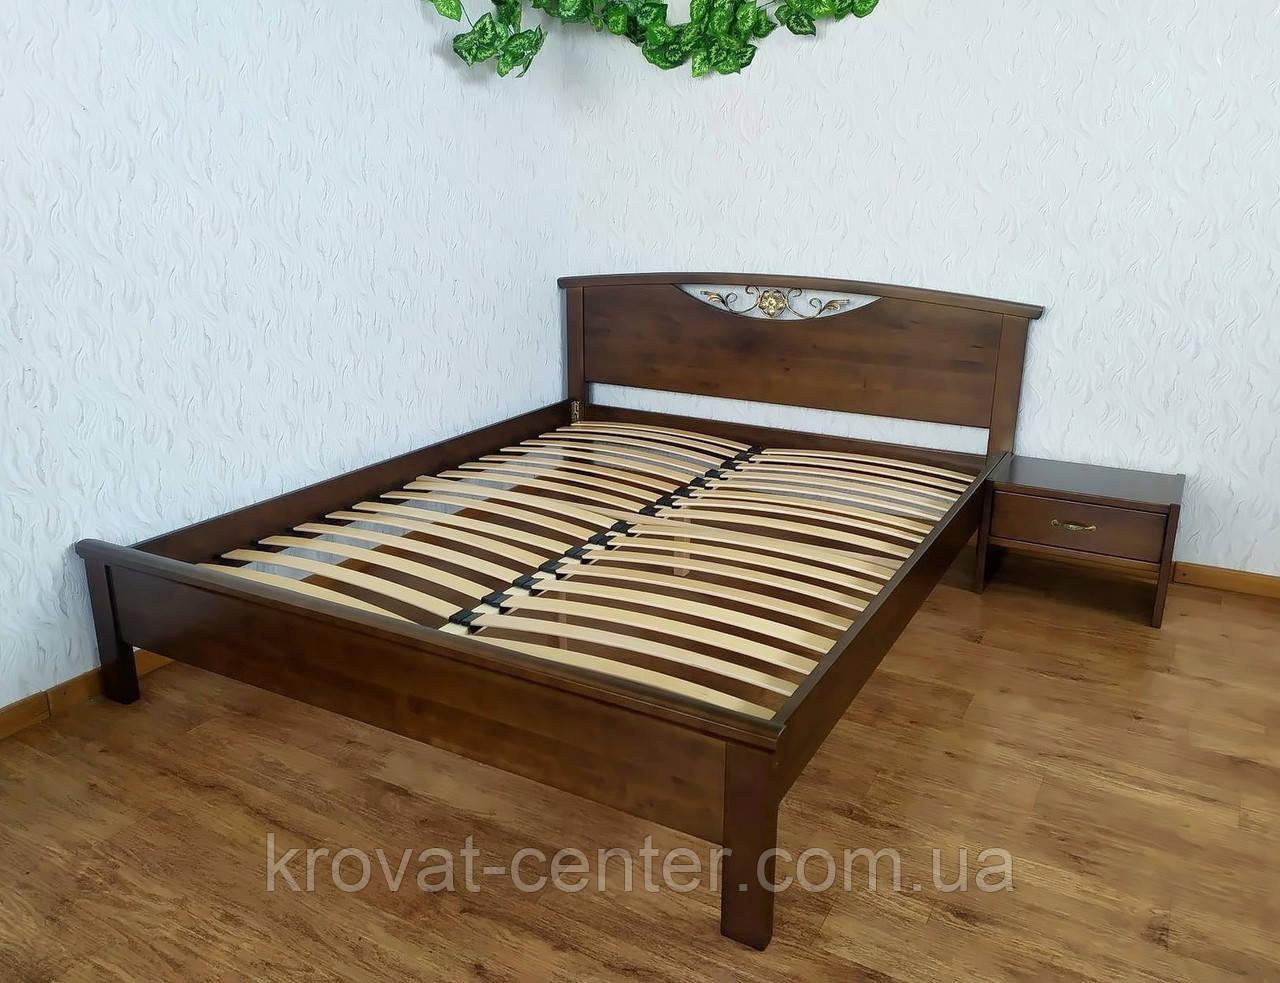 """Двуспальная кровать """"Фантазия"""" (лесной орех)"""